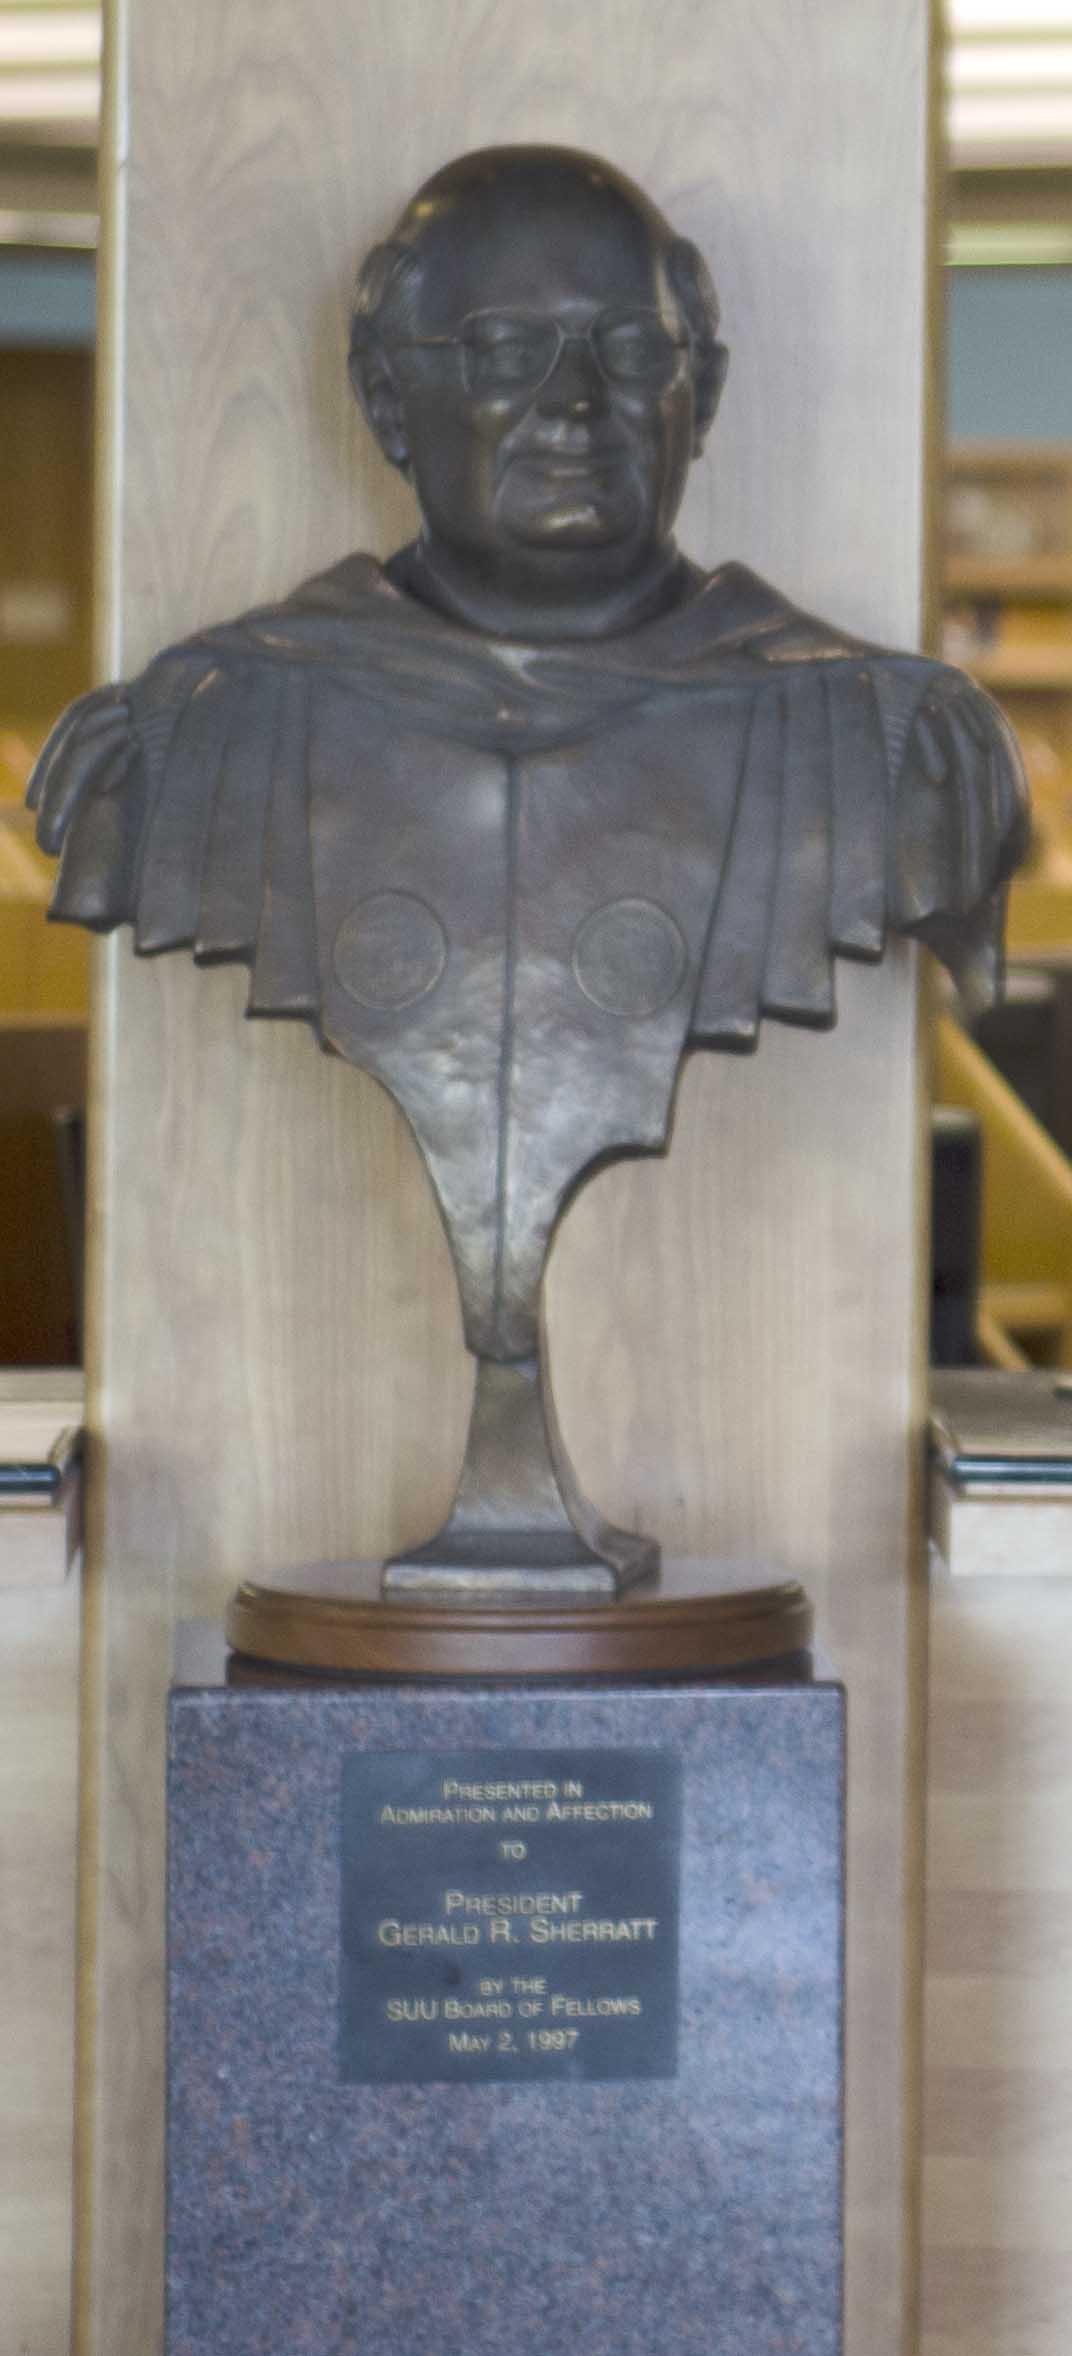 image of bronze bust of Gerald R. Sherratt